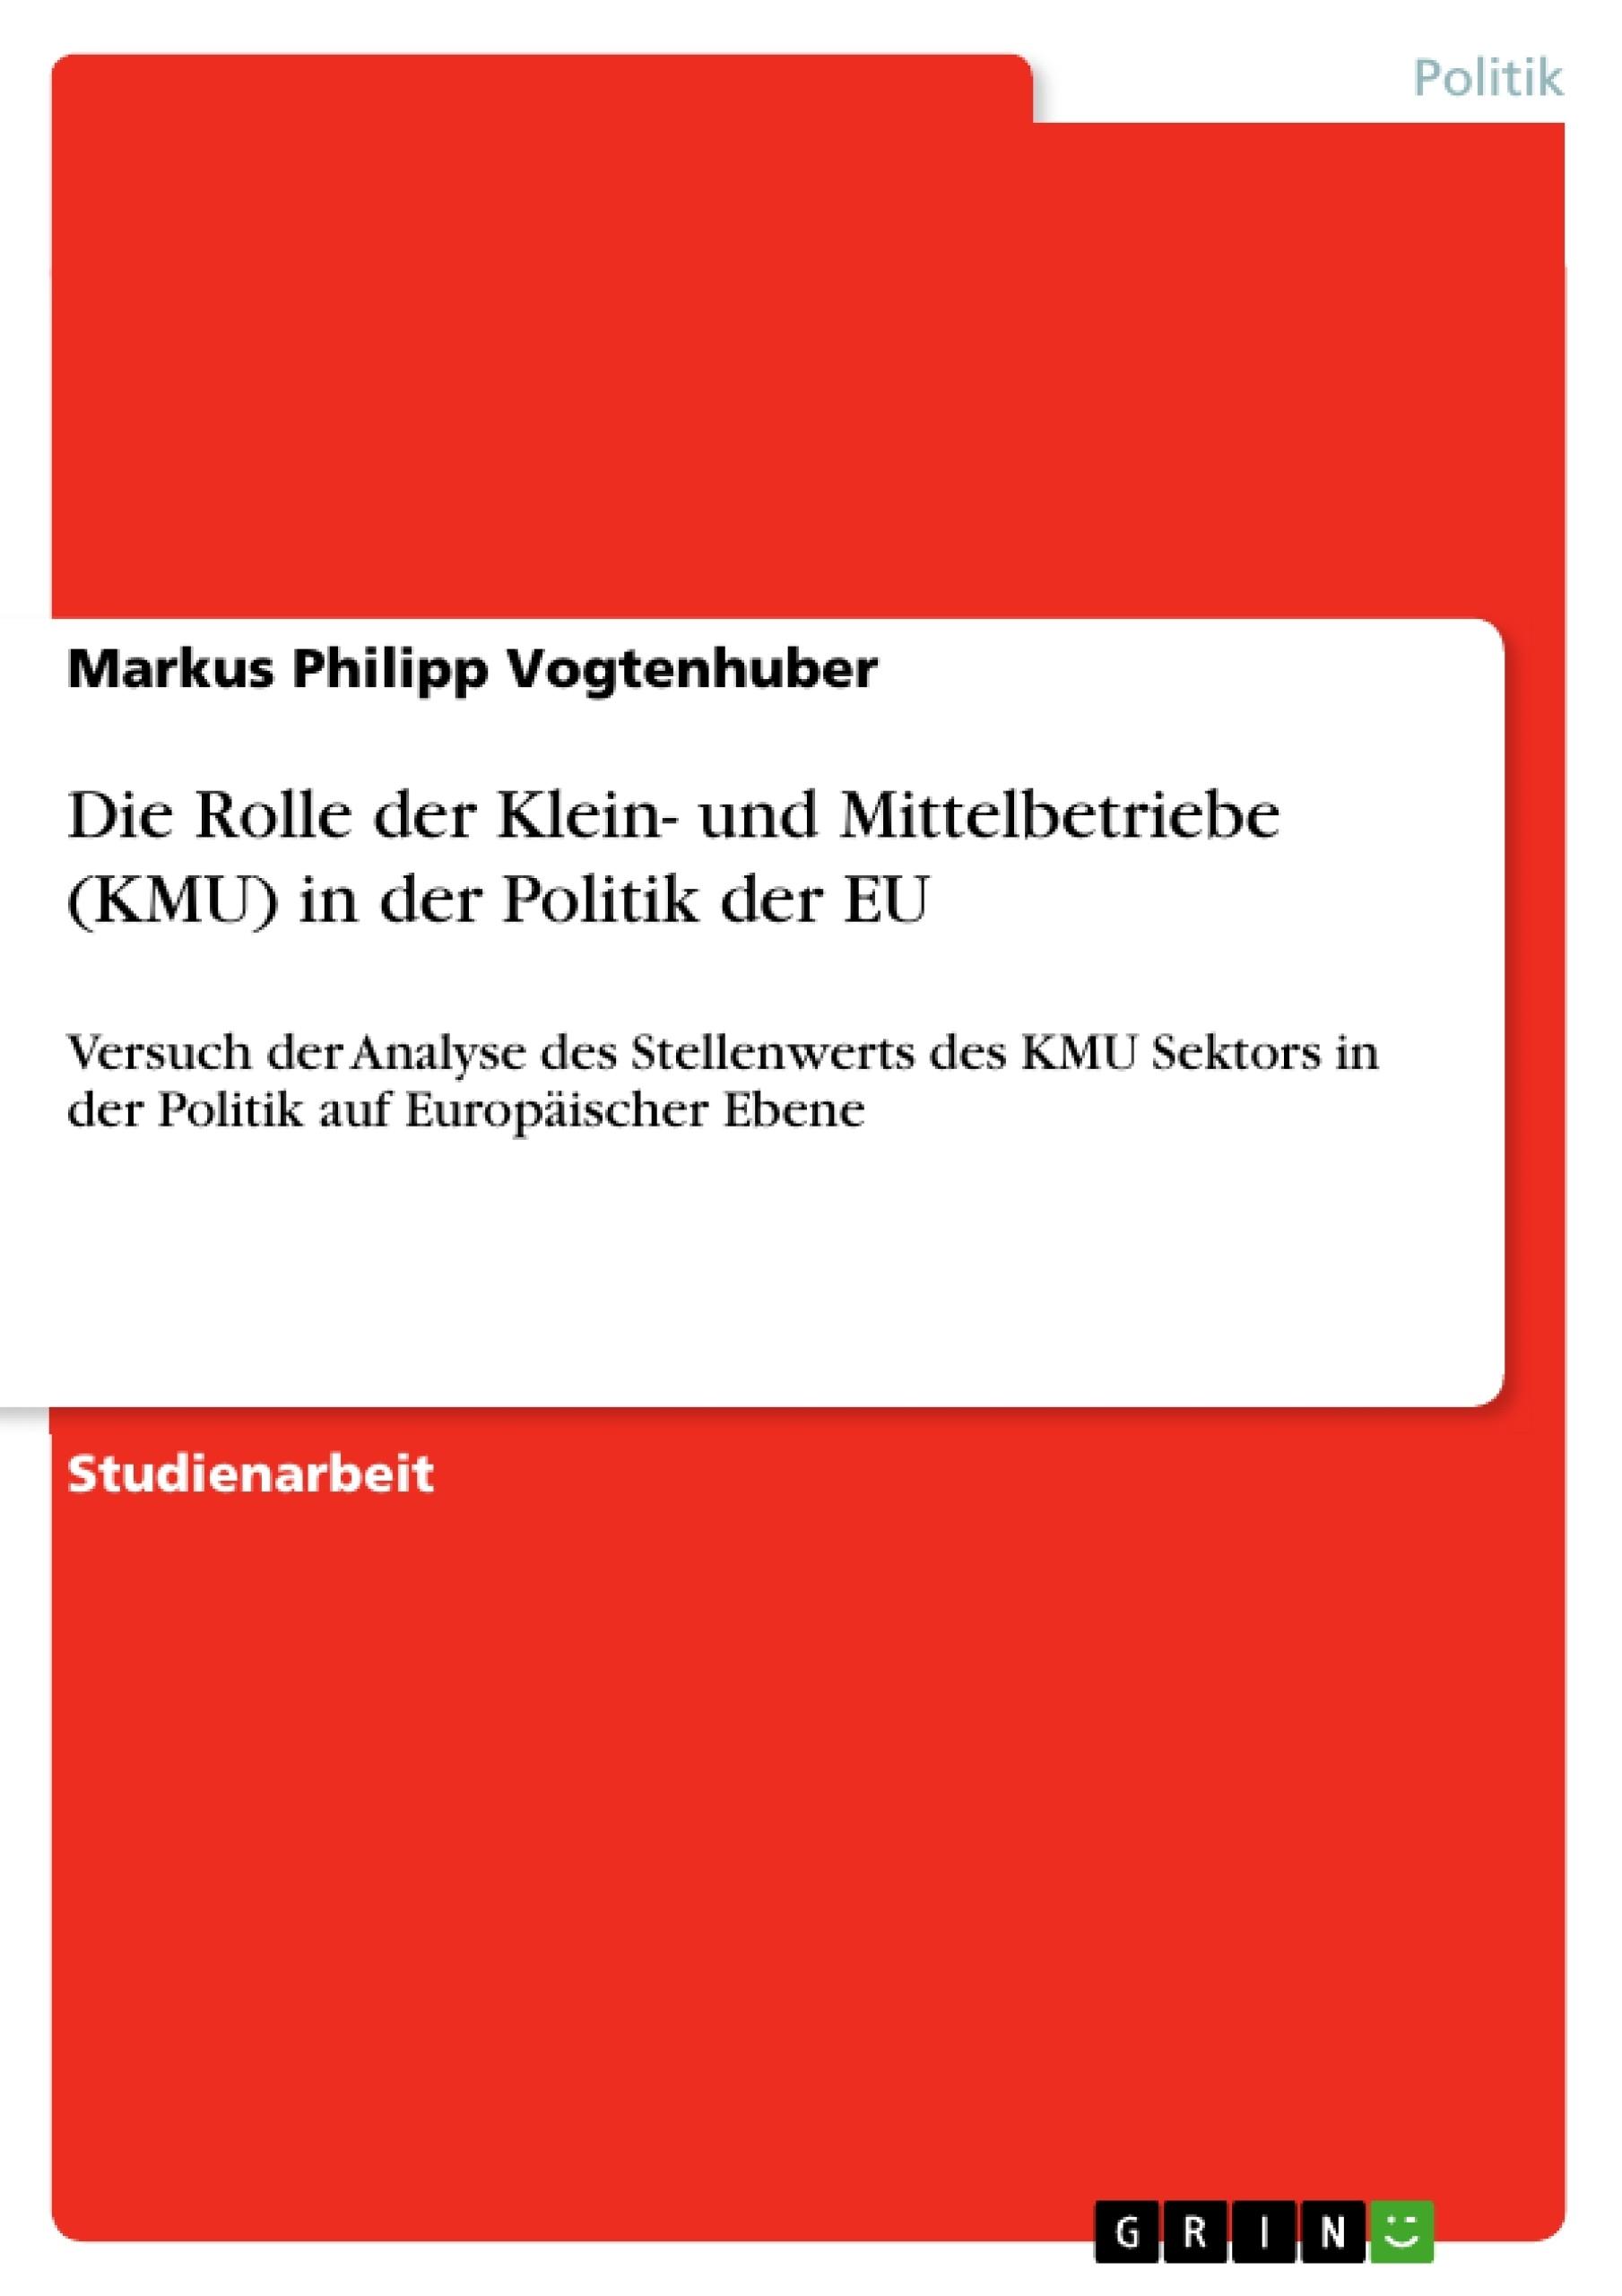 Titel: Die Rolle der Klein- und Mittelbetriebe (KMU) in der Politik der EU